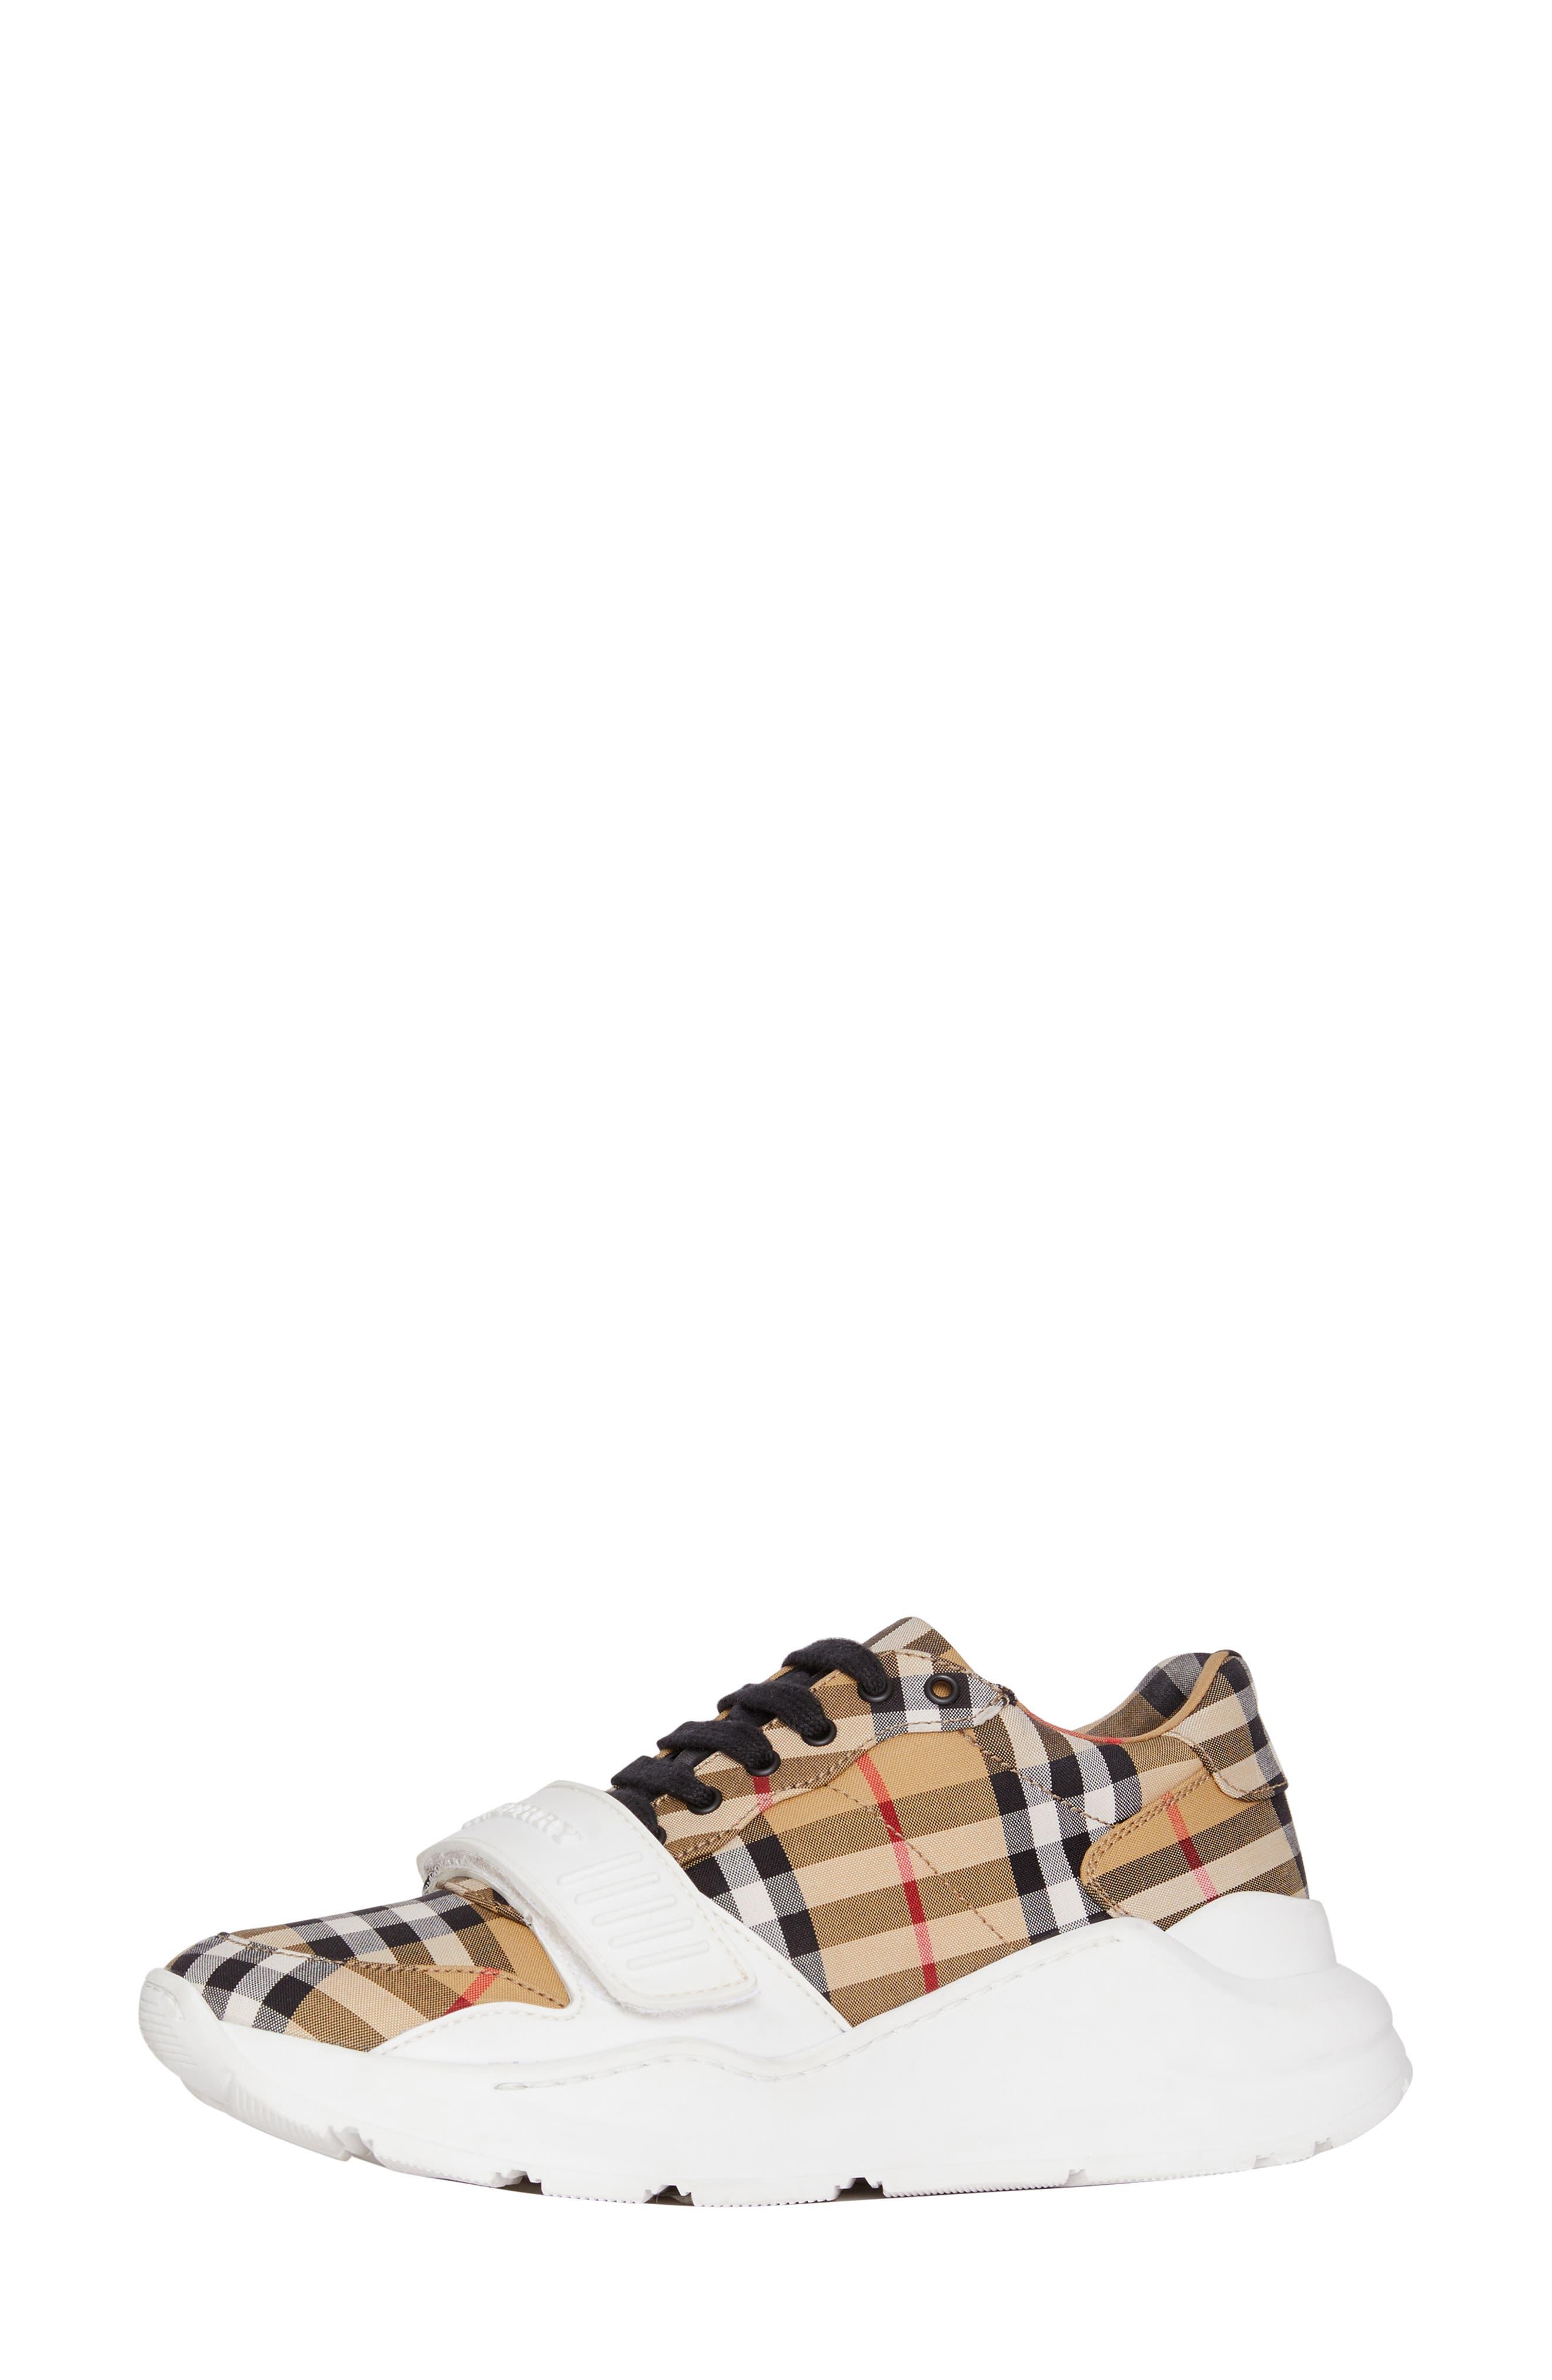 BURBERRY, Regis Check Lace-Up Sneaker, Alternate thumbnail 9, color, BEIGE PLAID